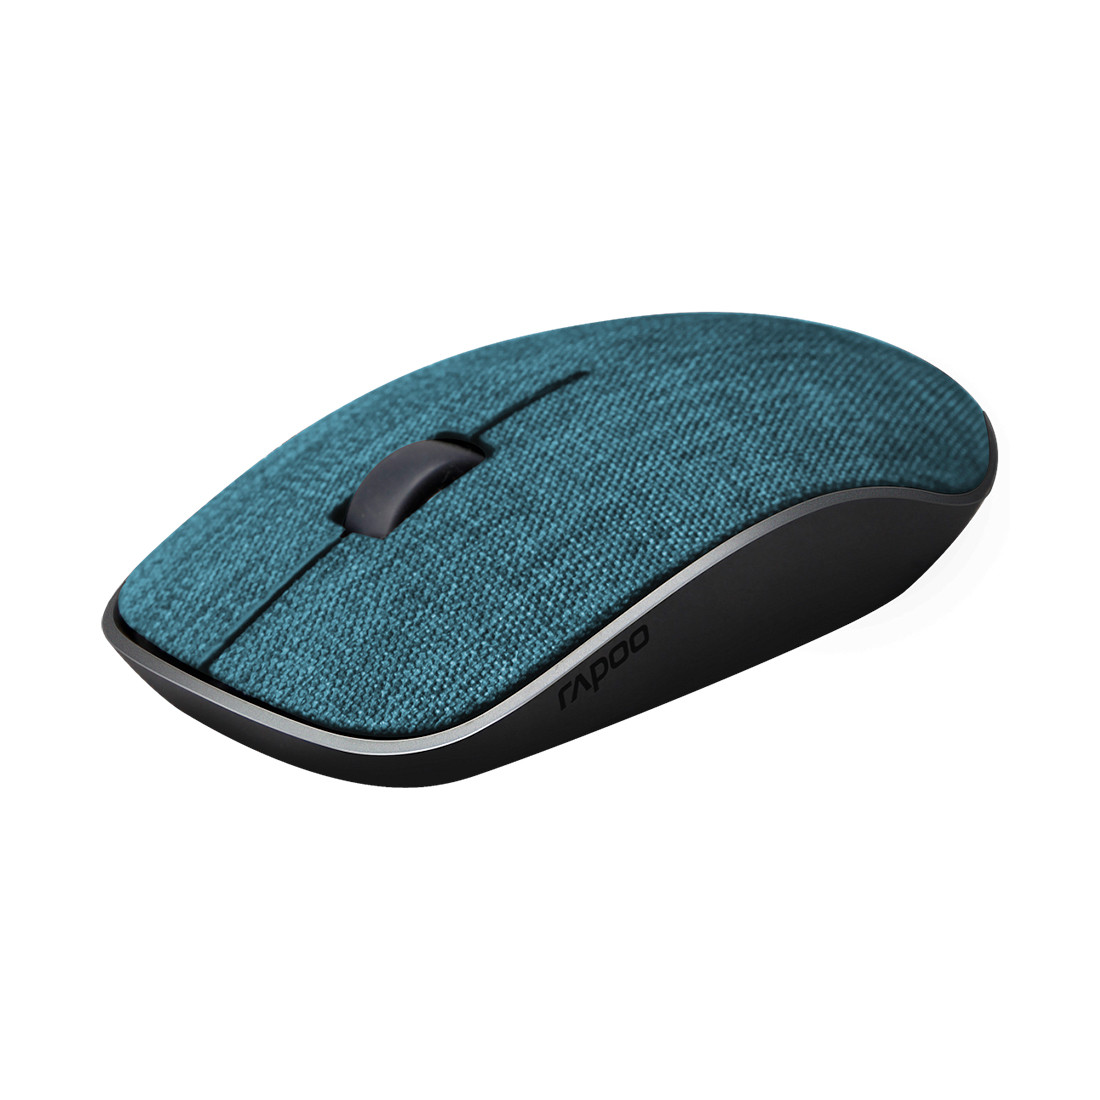 Компьютерная мышь Rapoo 3510 Plus